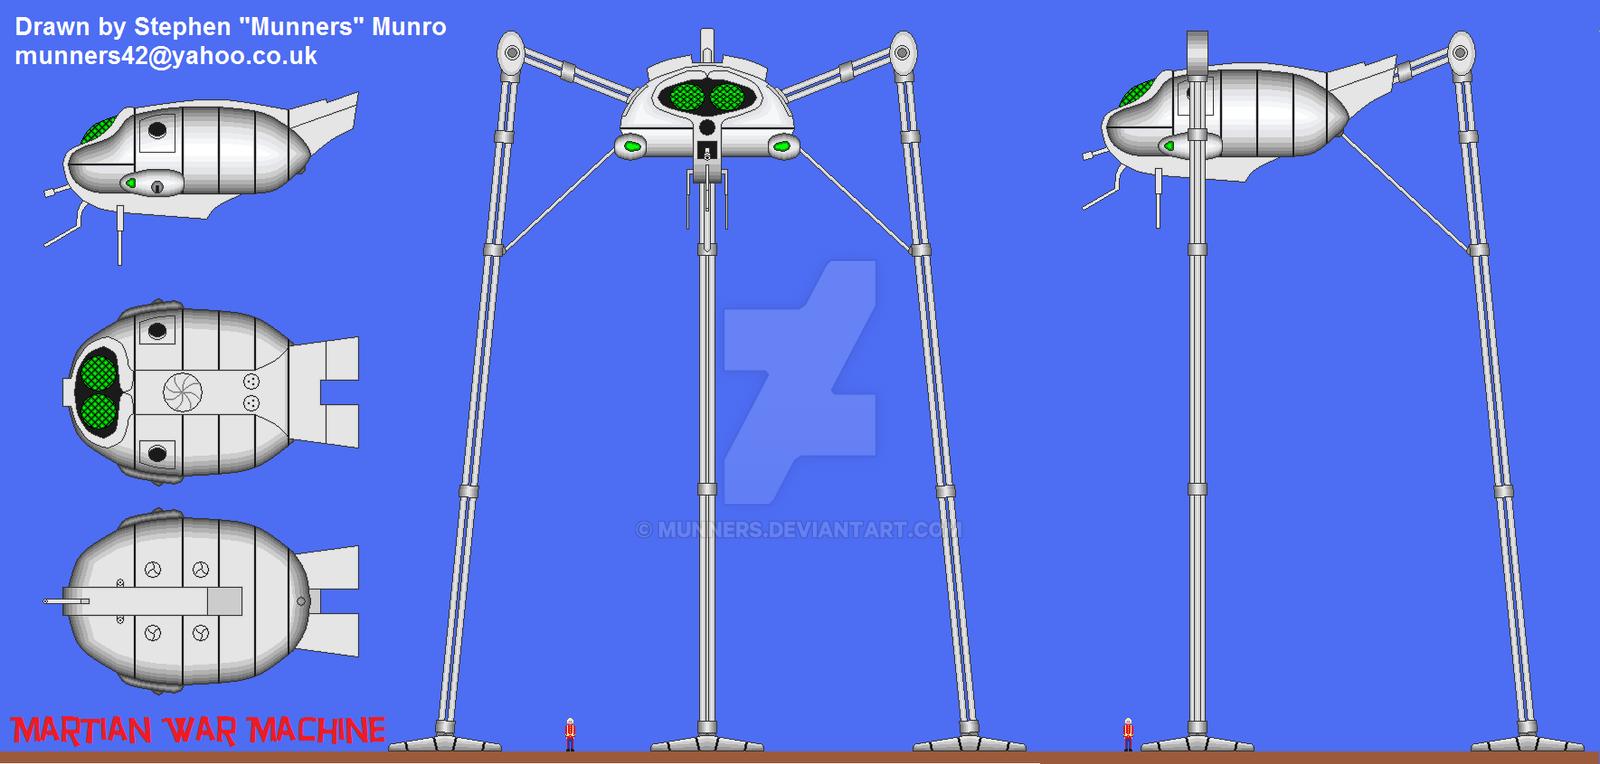 Martian war machine v1 1 by munners on deviantart